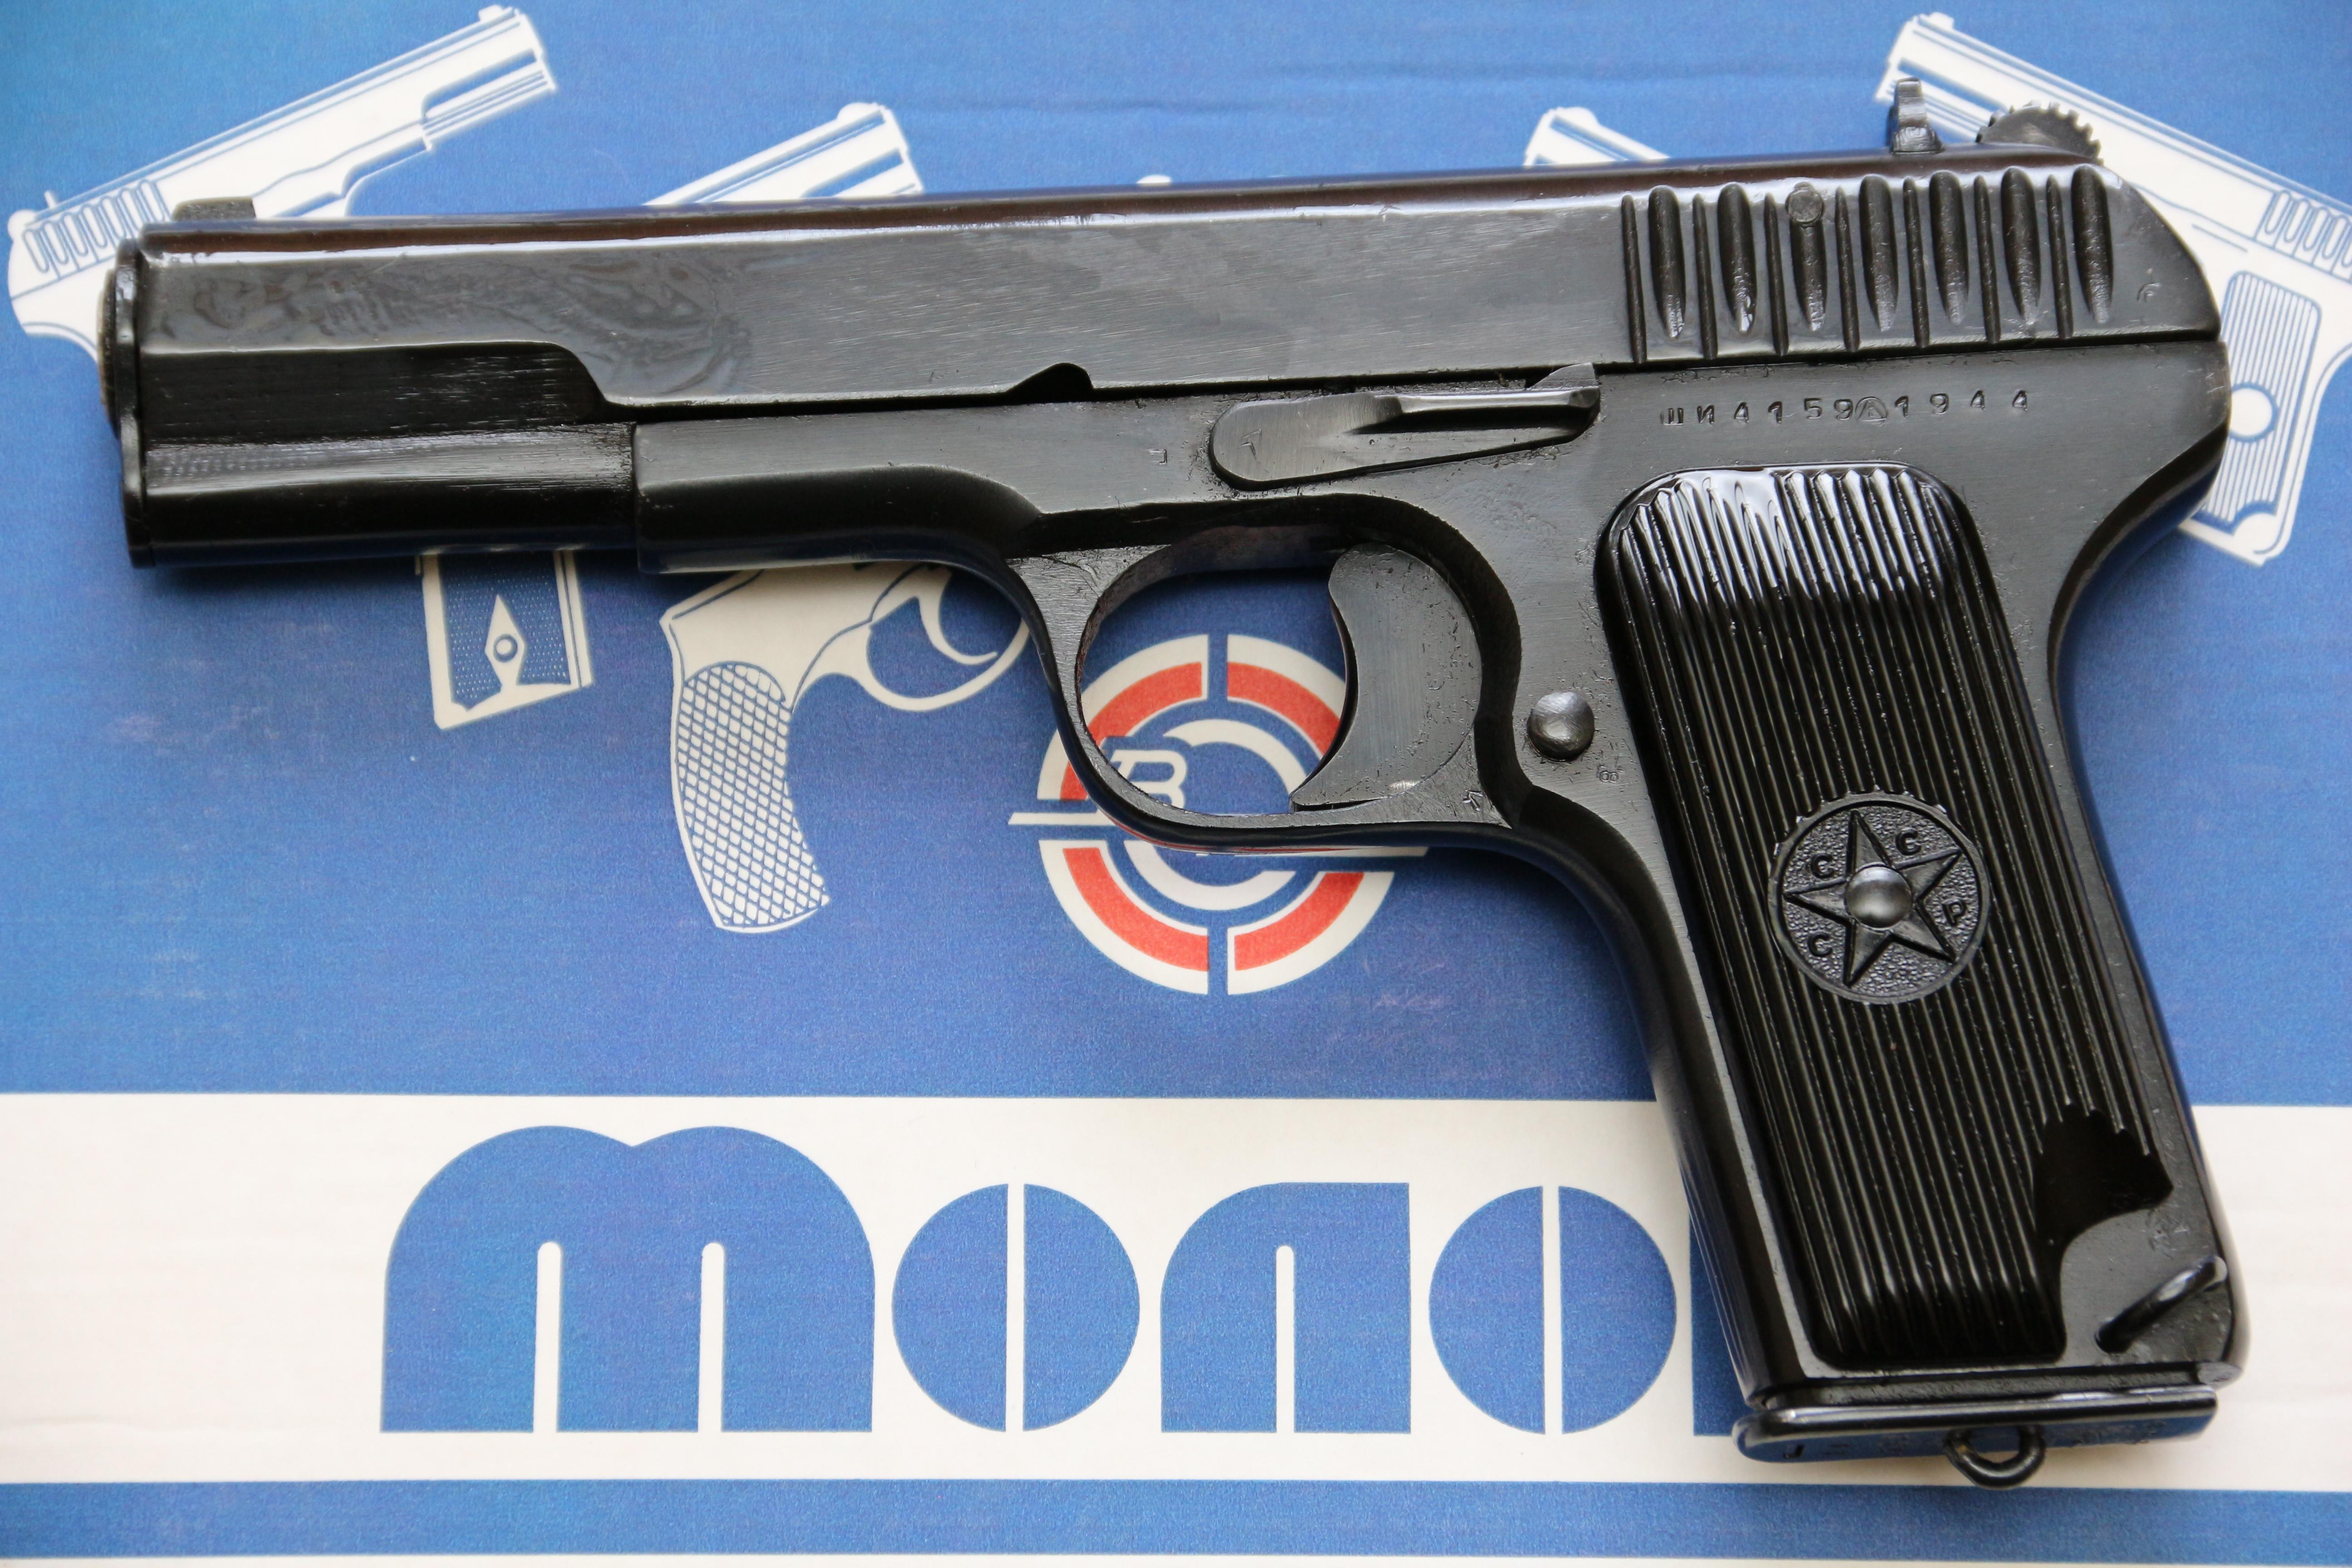 Сигнальный пистолет ТТ-С 1944 года №ШИ 4159